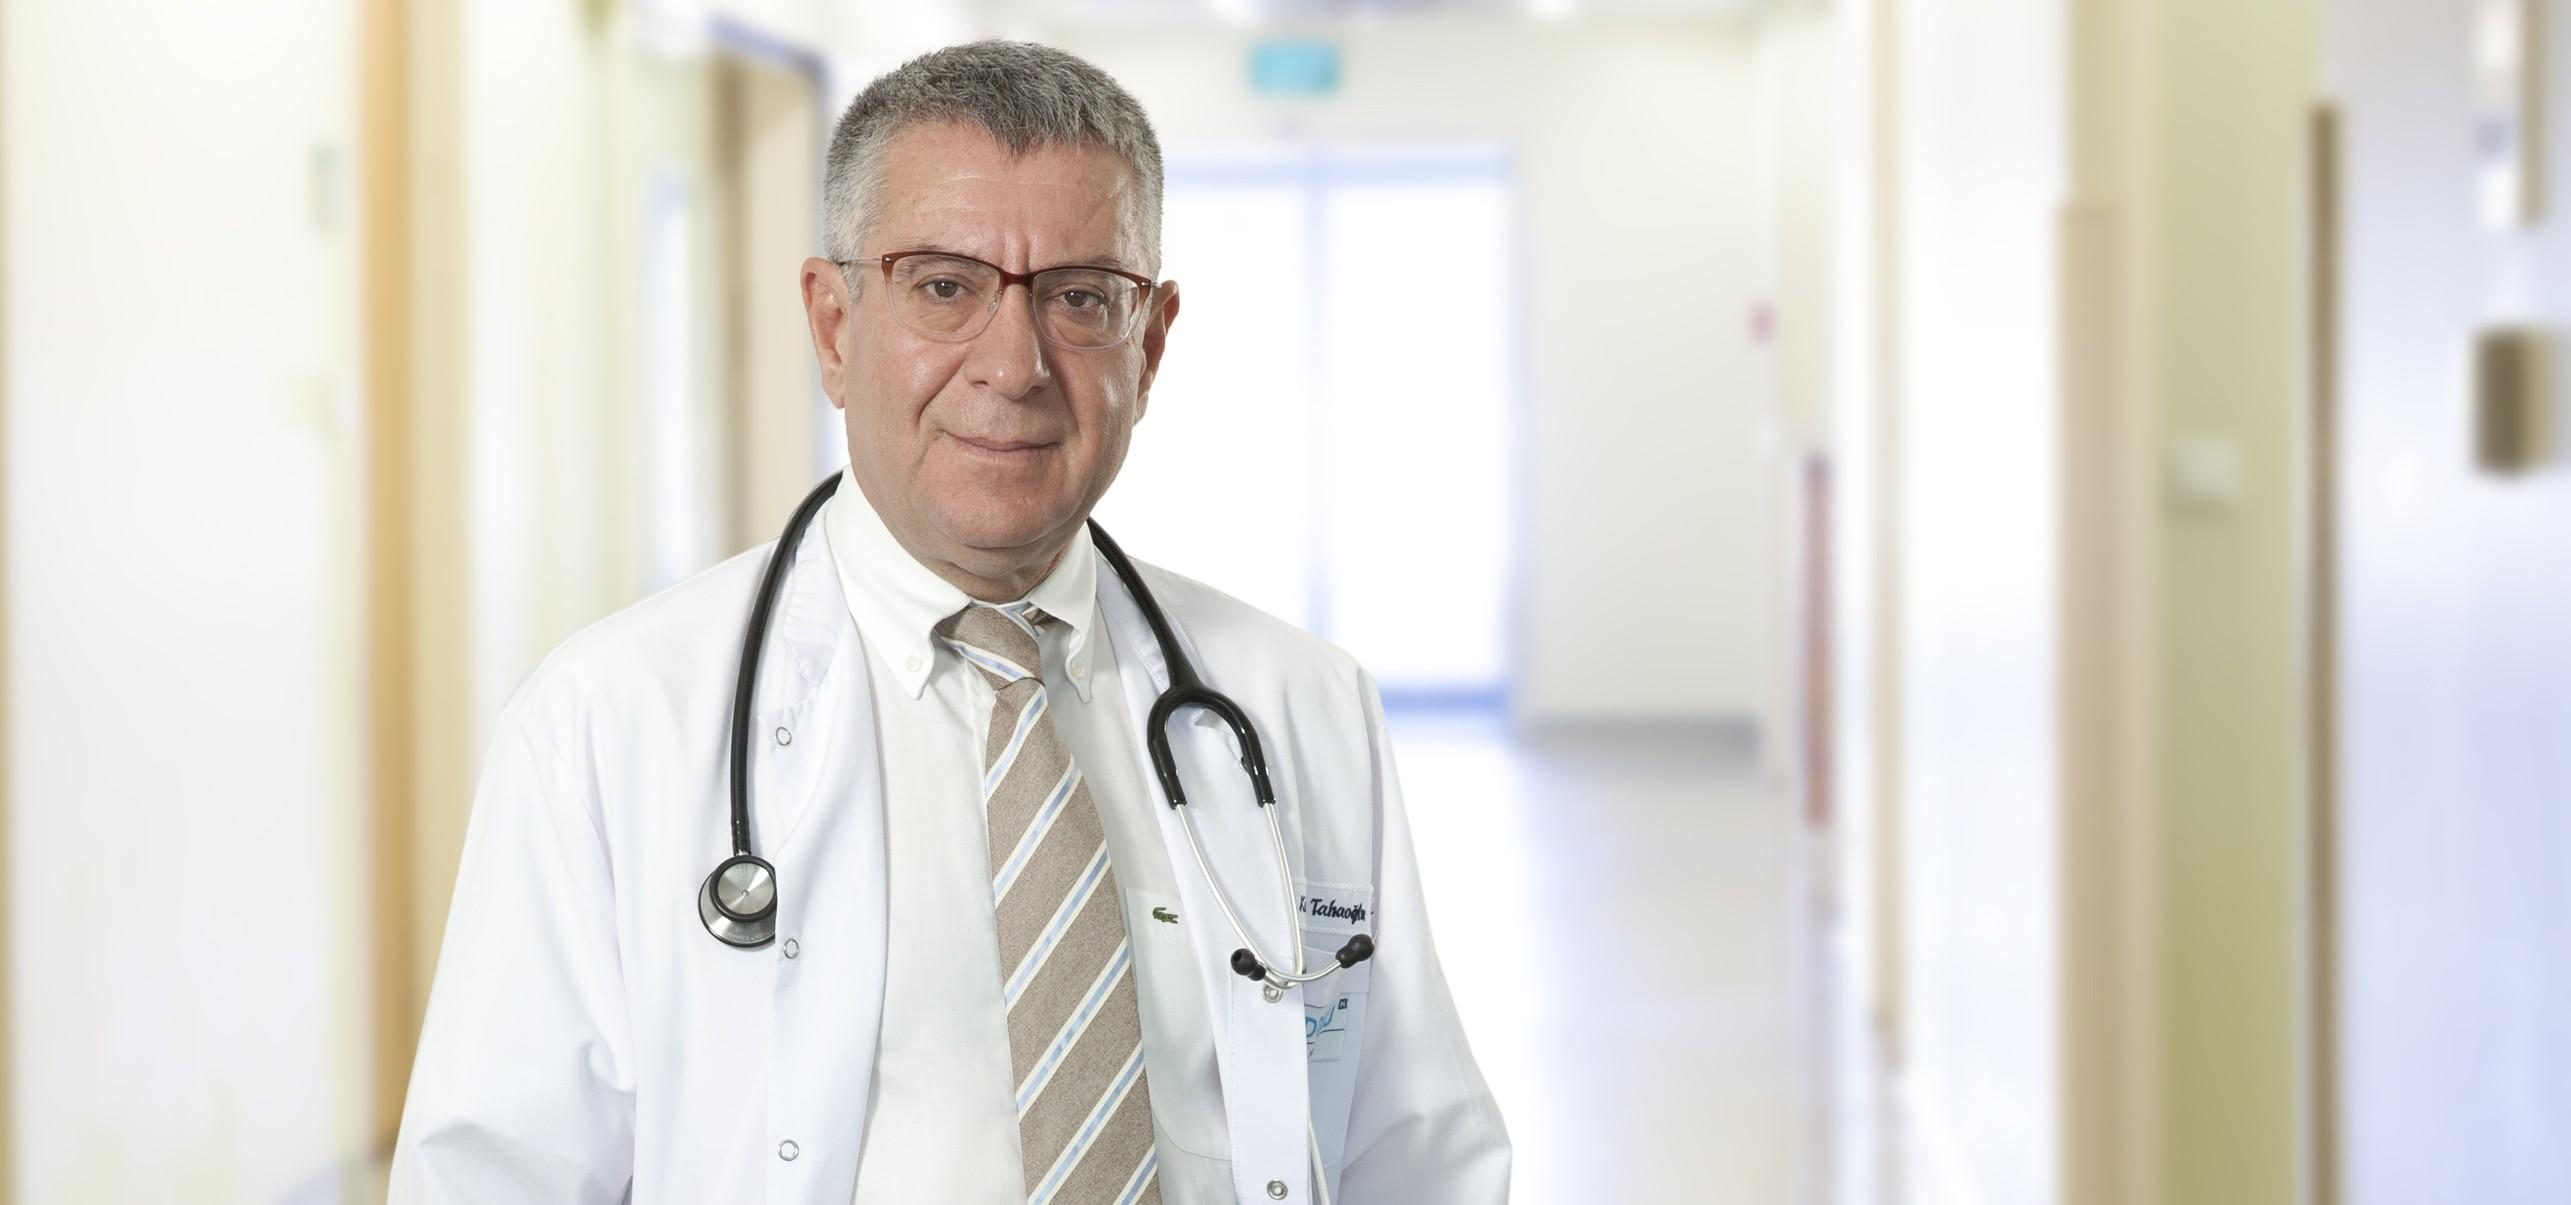 А. Кемаль Тахаолу — квалифицированная помощь в медицинском центре Anadolu